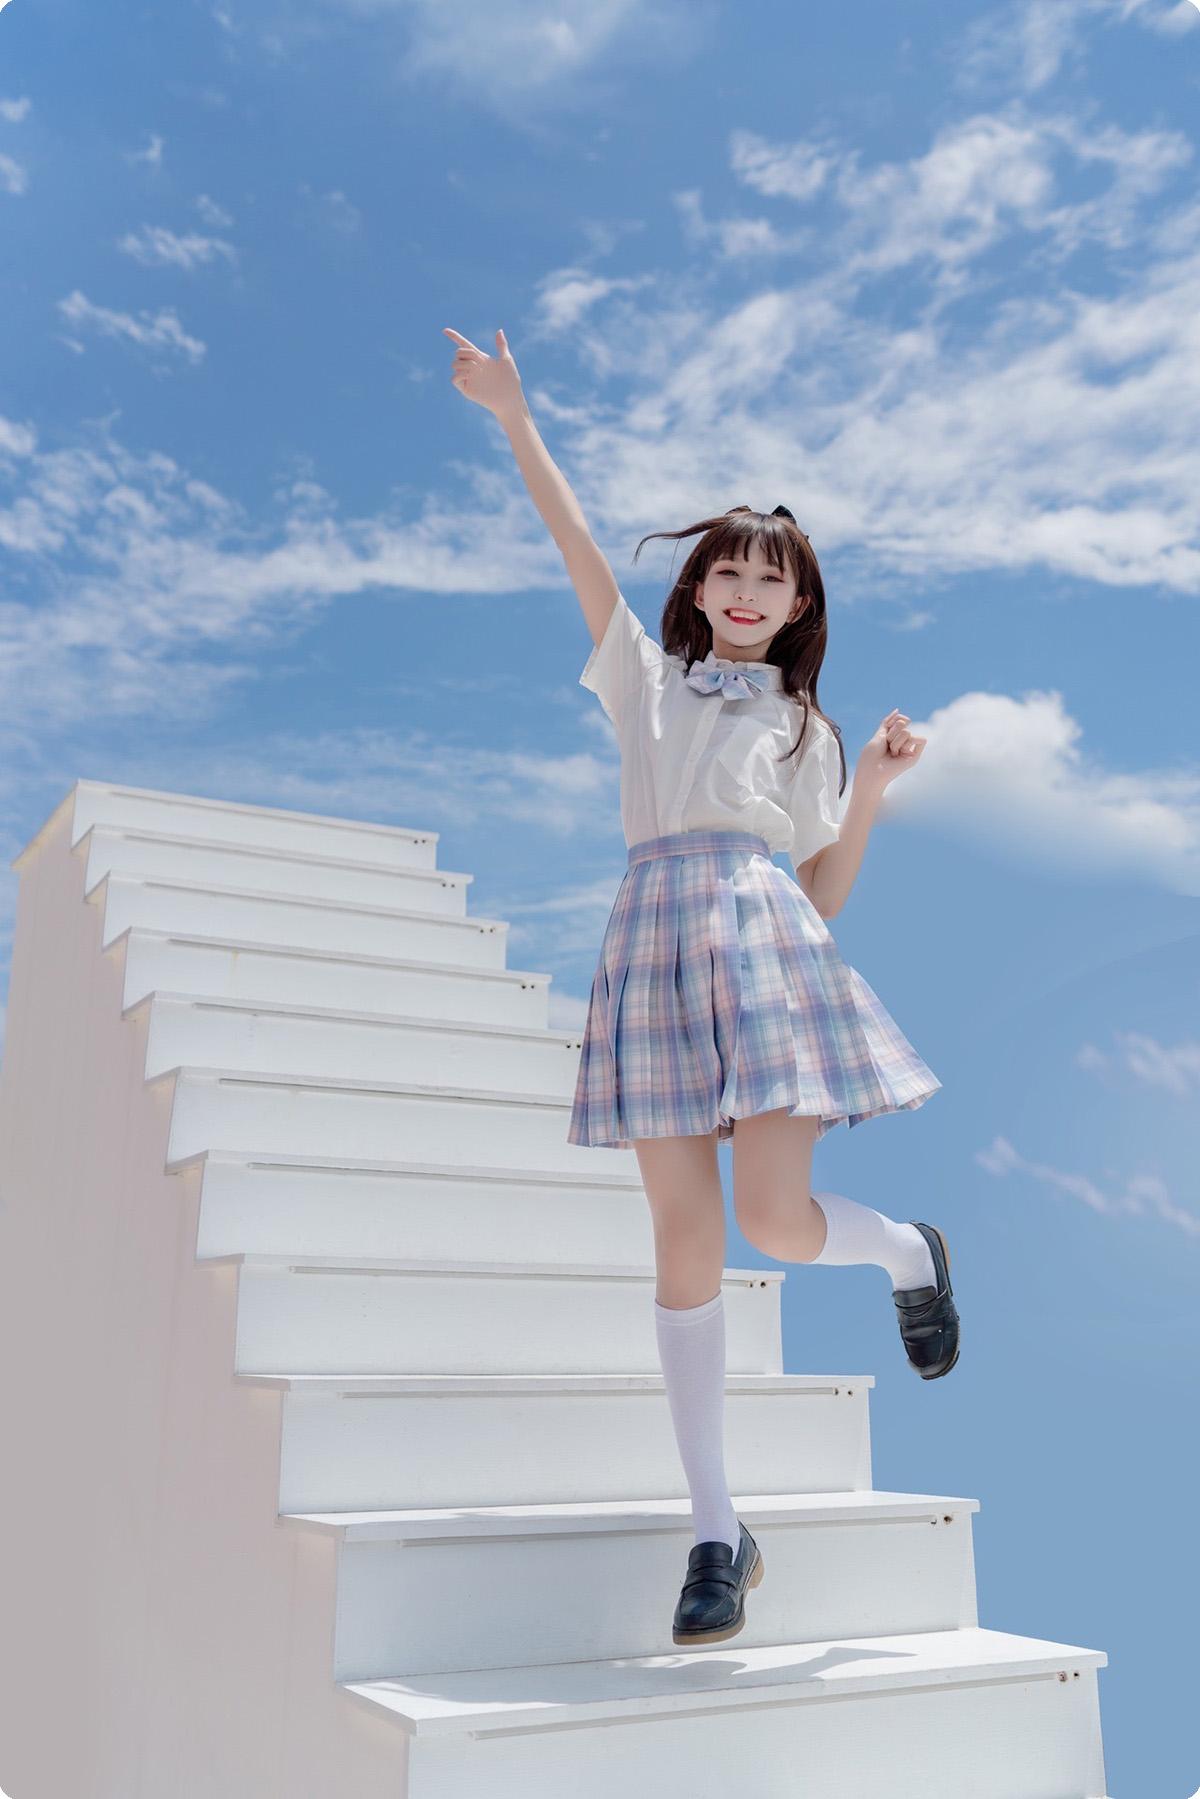 七奈摄影分享:教你拍出满满的少女感!【明基公益摄影讲座】